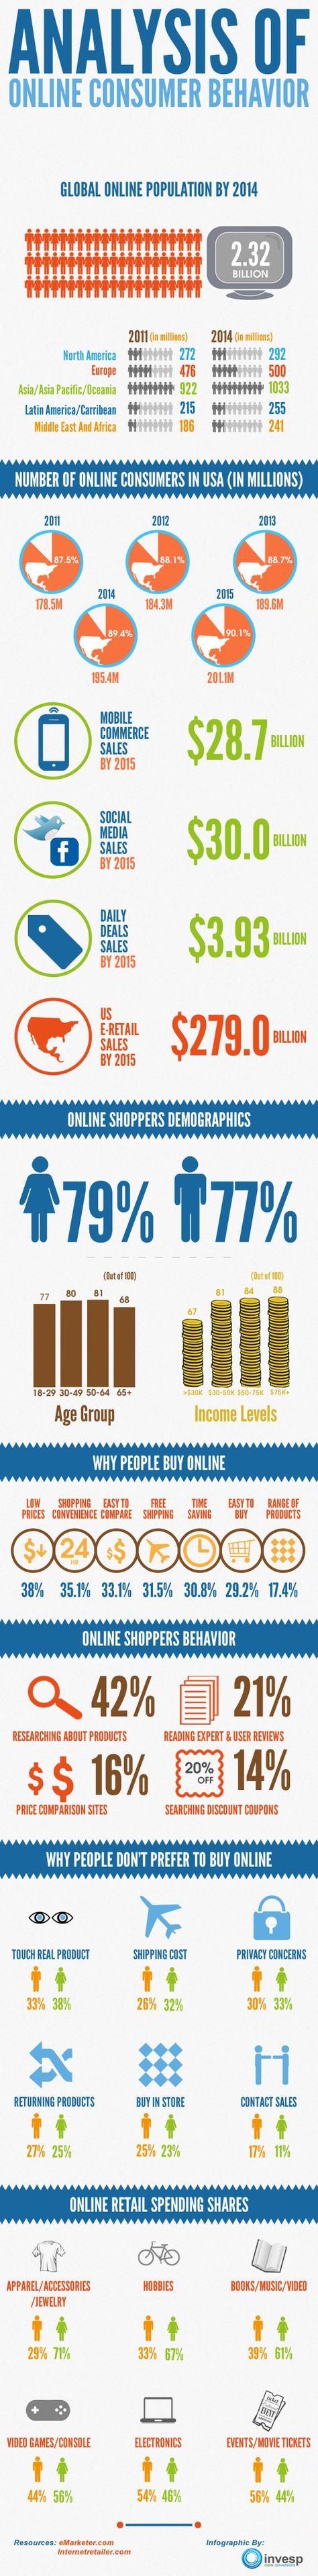 Análisis del comportamiento del consumidor online #infografia #infographic #ecommerce - TICs y Formación